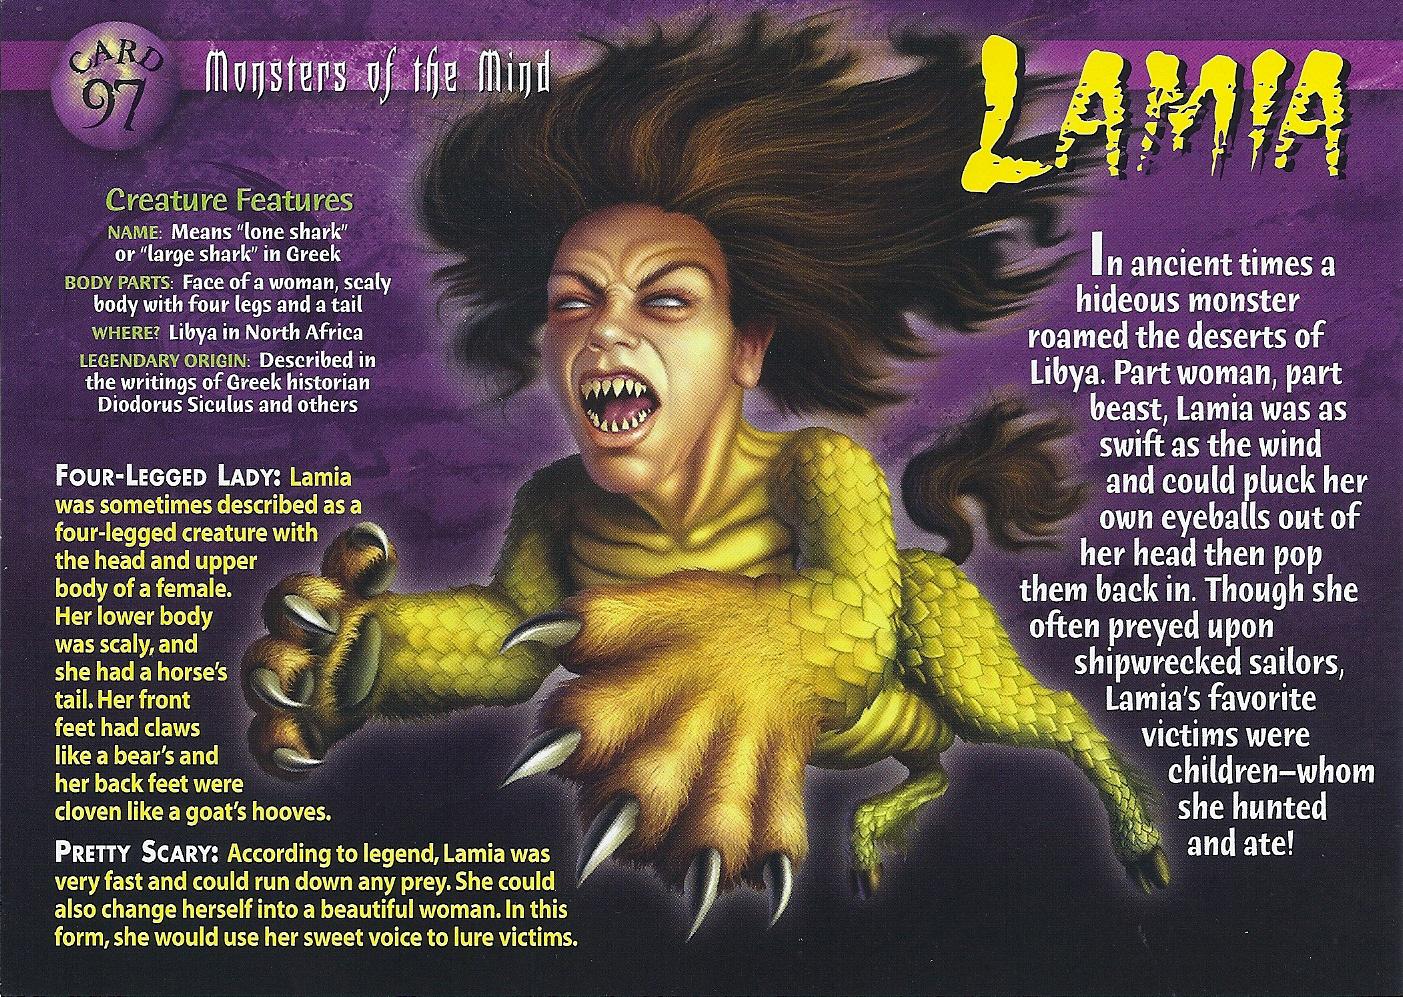 lamia wierd n u0027wild creatures wiki fandom powered by wikia